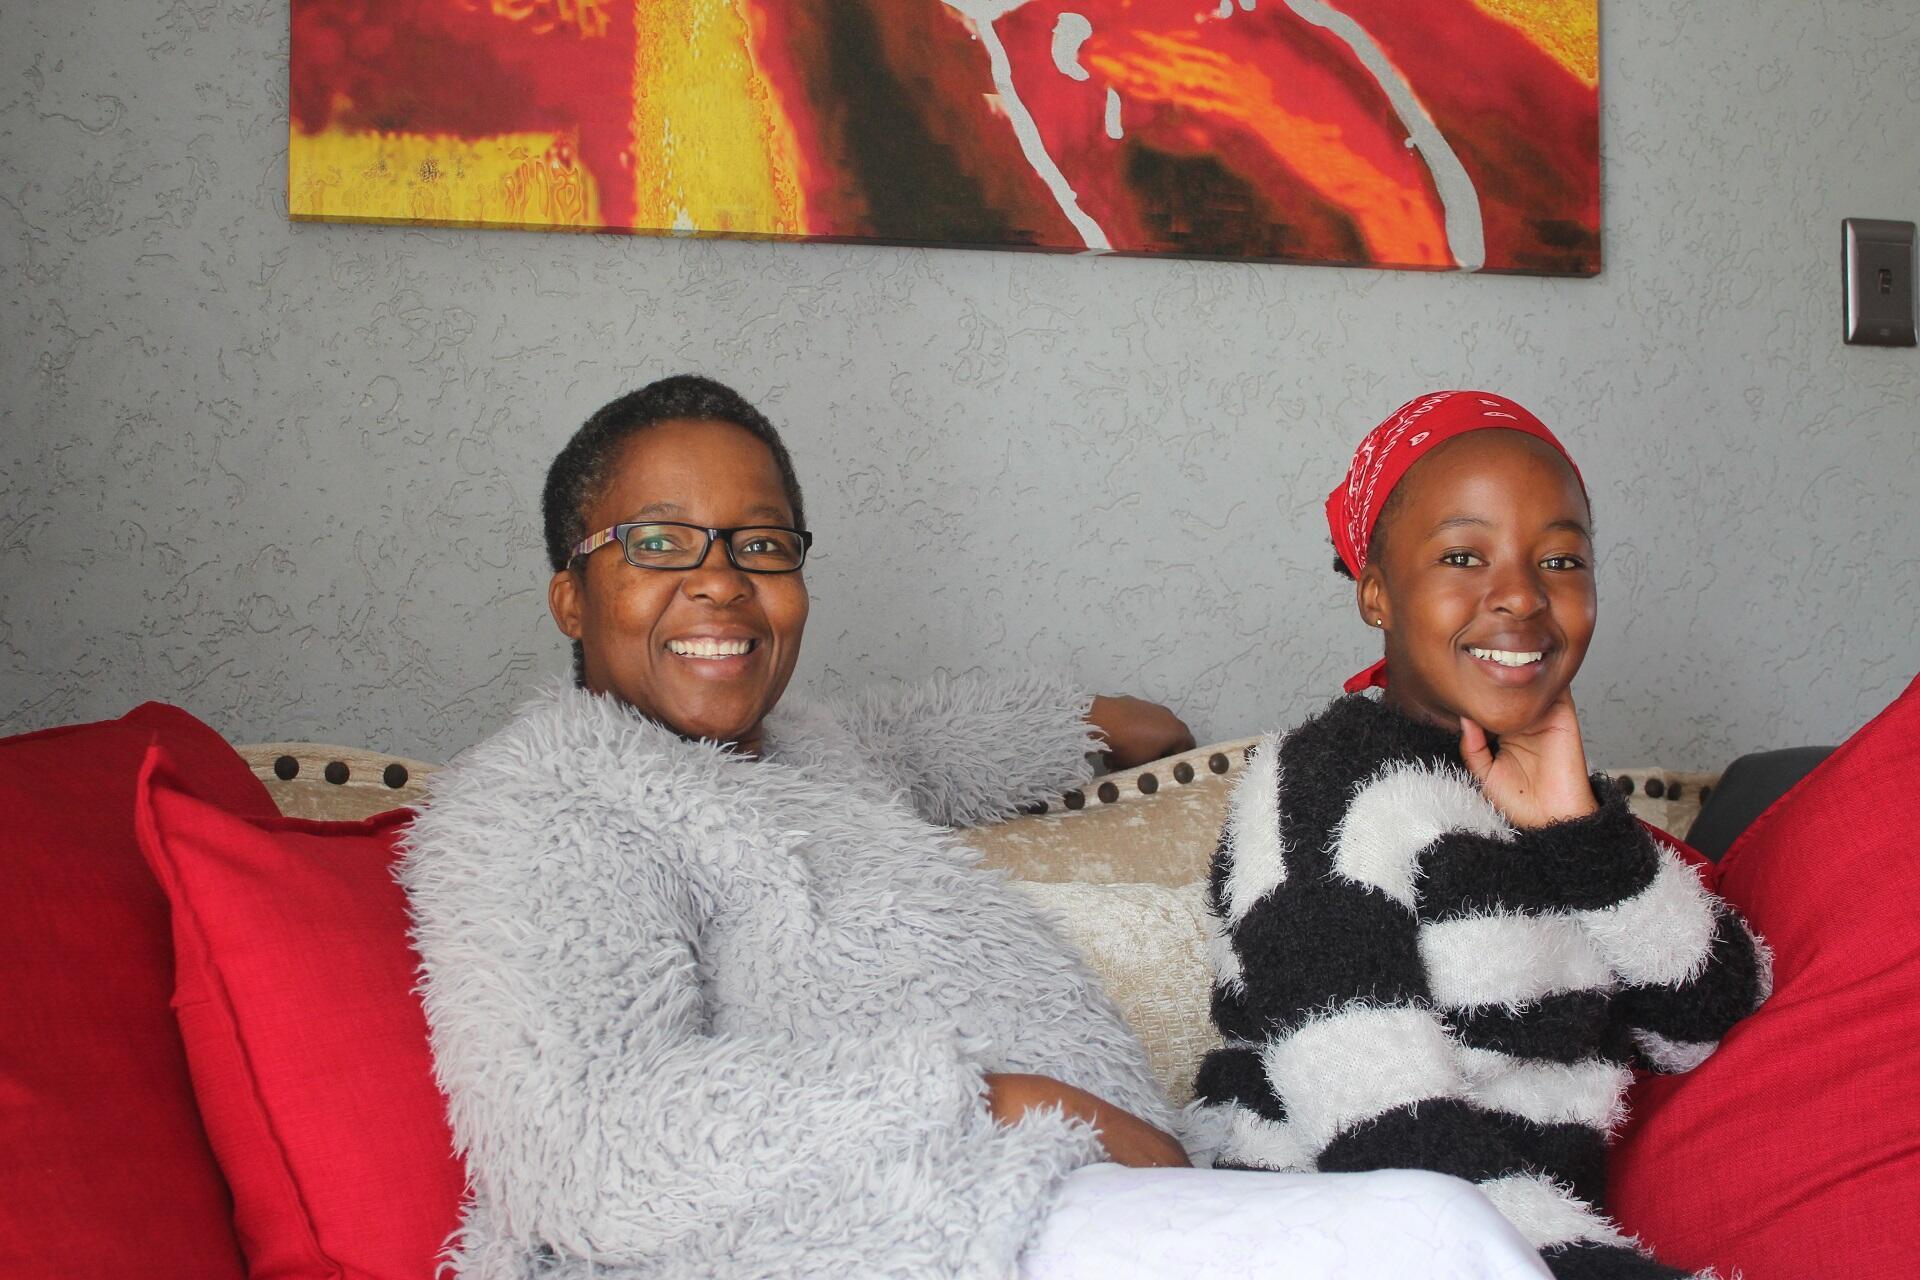 Ruth Motau et sa fille Masetjhaba chez elles, à Johannesburg, en Afrique du Sud.